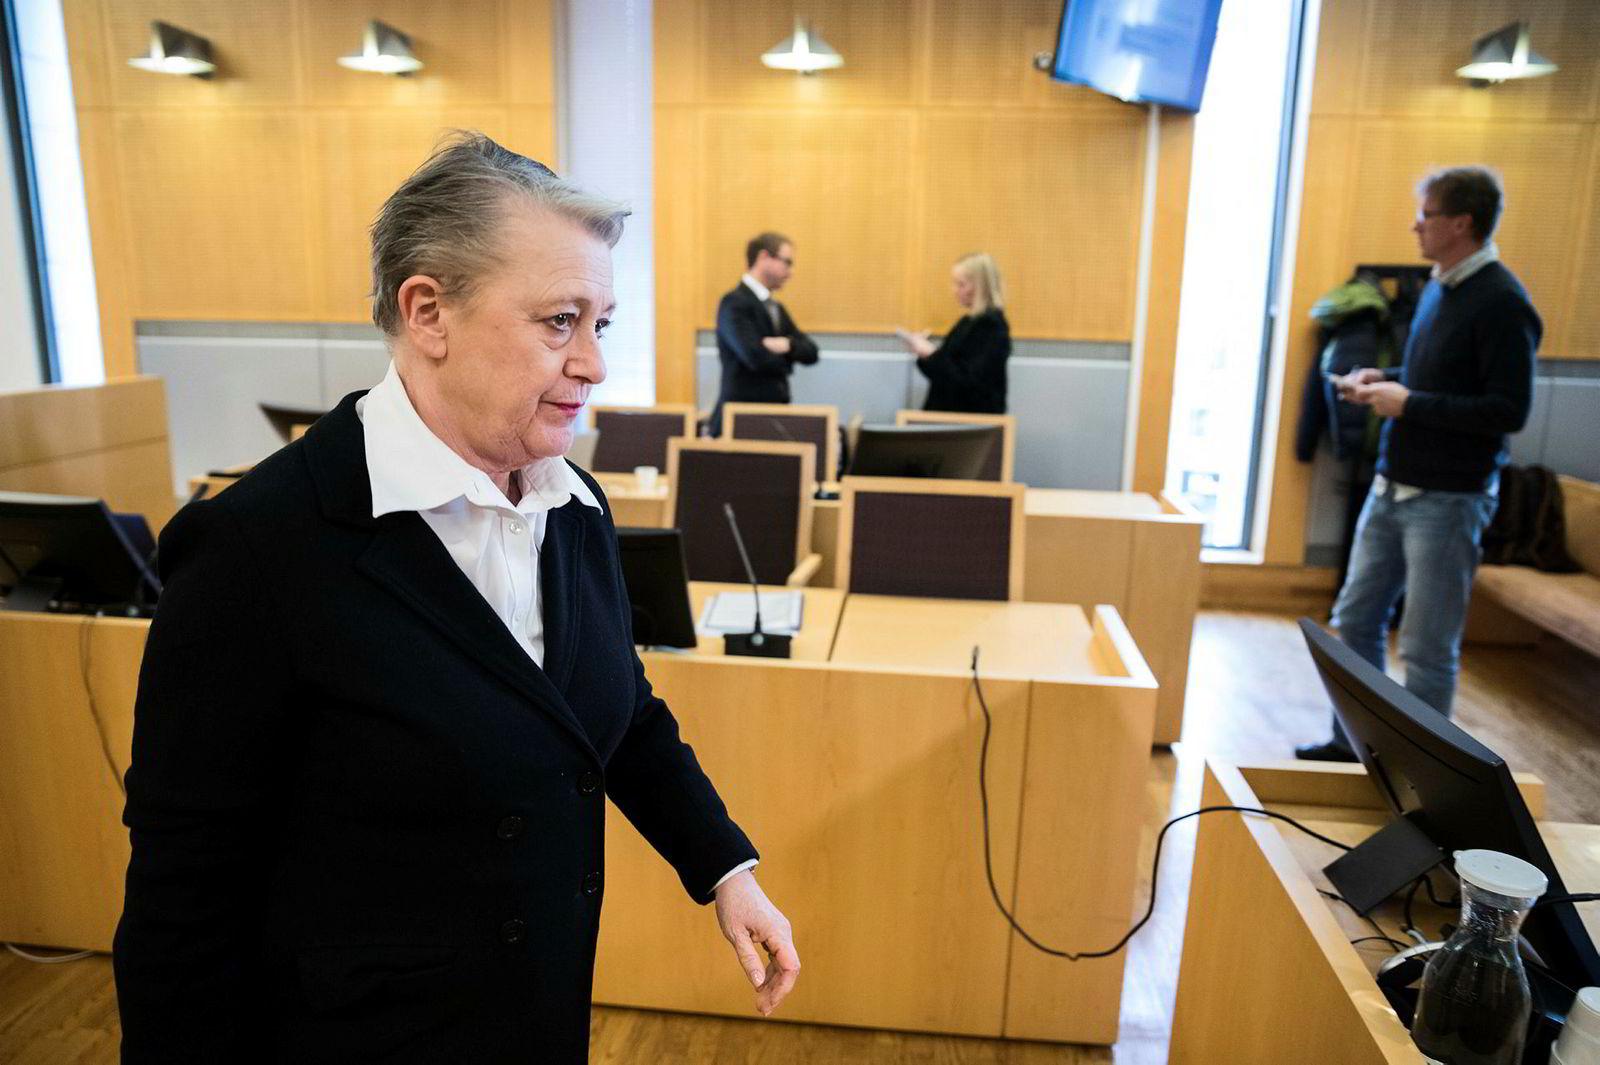 Advokat Berit Reiss-Andersen representerer den tidligere regnskapssjefen som har tilstått underslag på 49 millioner kroner i Gartnerhallen.